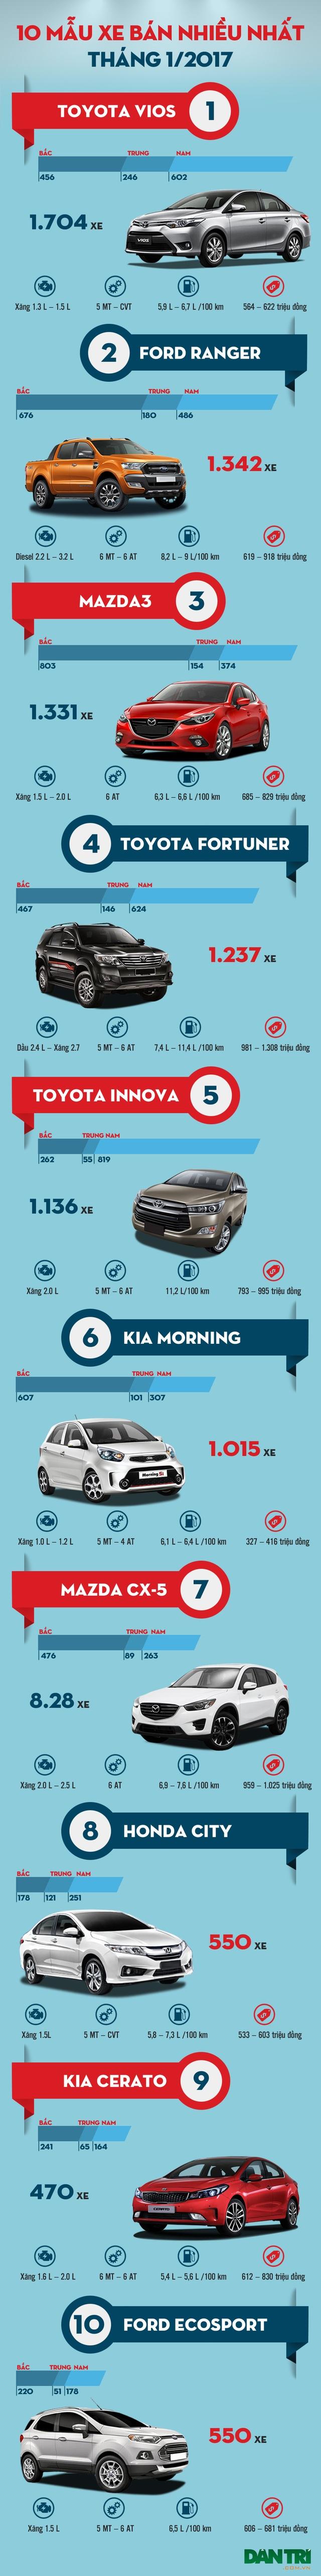 Top 10 mẫu xe bán nhiều nhất tháng 1/2017 - 1